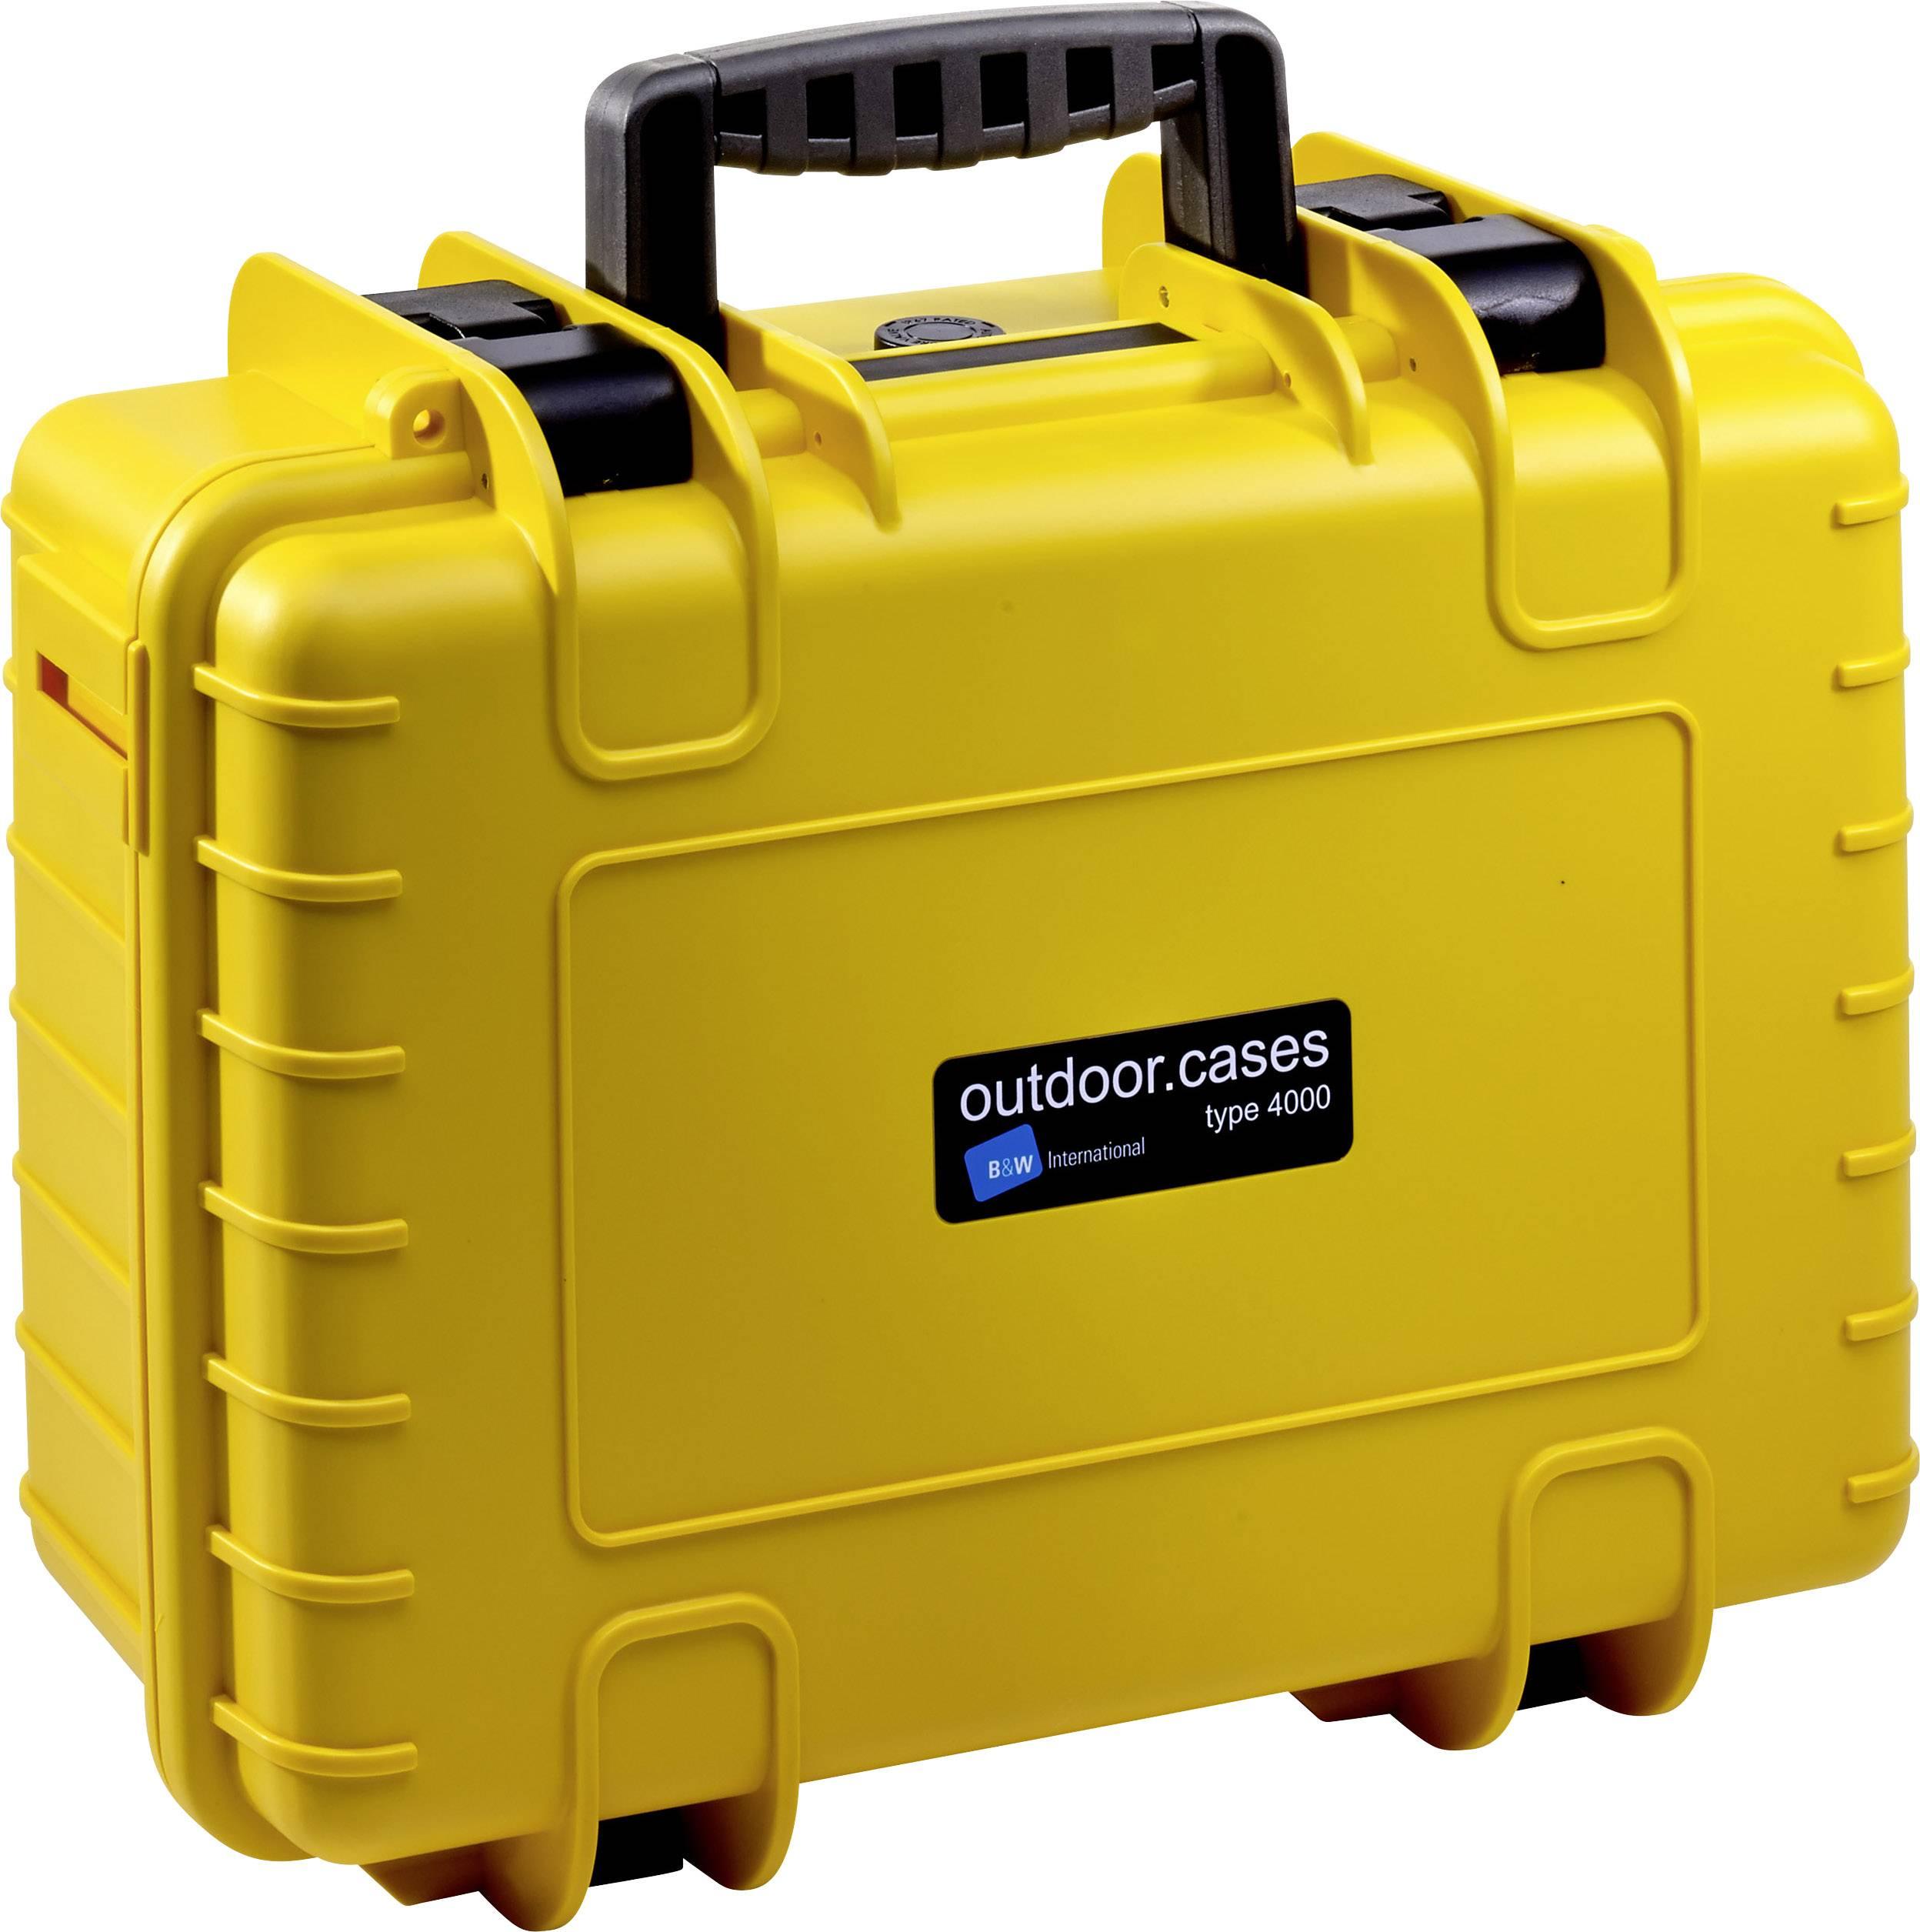 B & W Valigetta portaoggetti outdoor outdoor.cases Typ 4000 16.6 l (L x A x P) 420 x 180 x 325 mm Giallo 4000/Y/SI